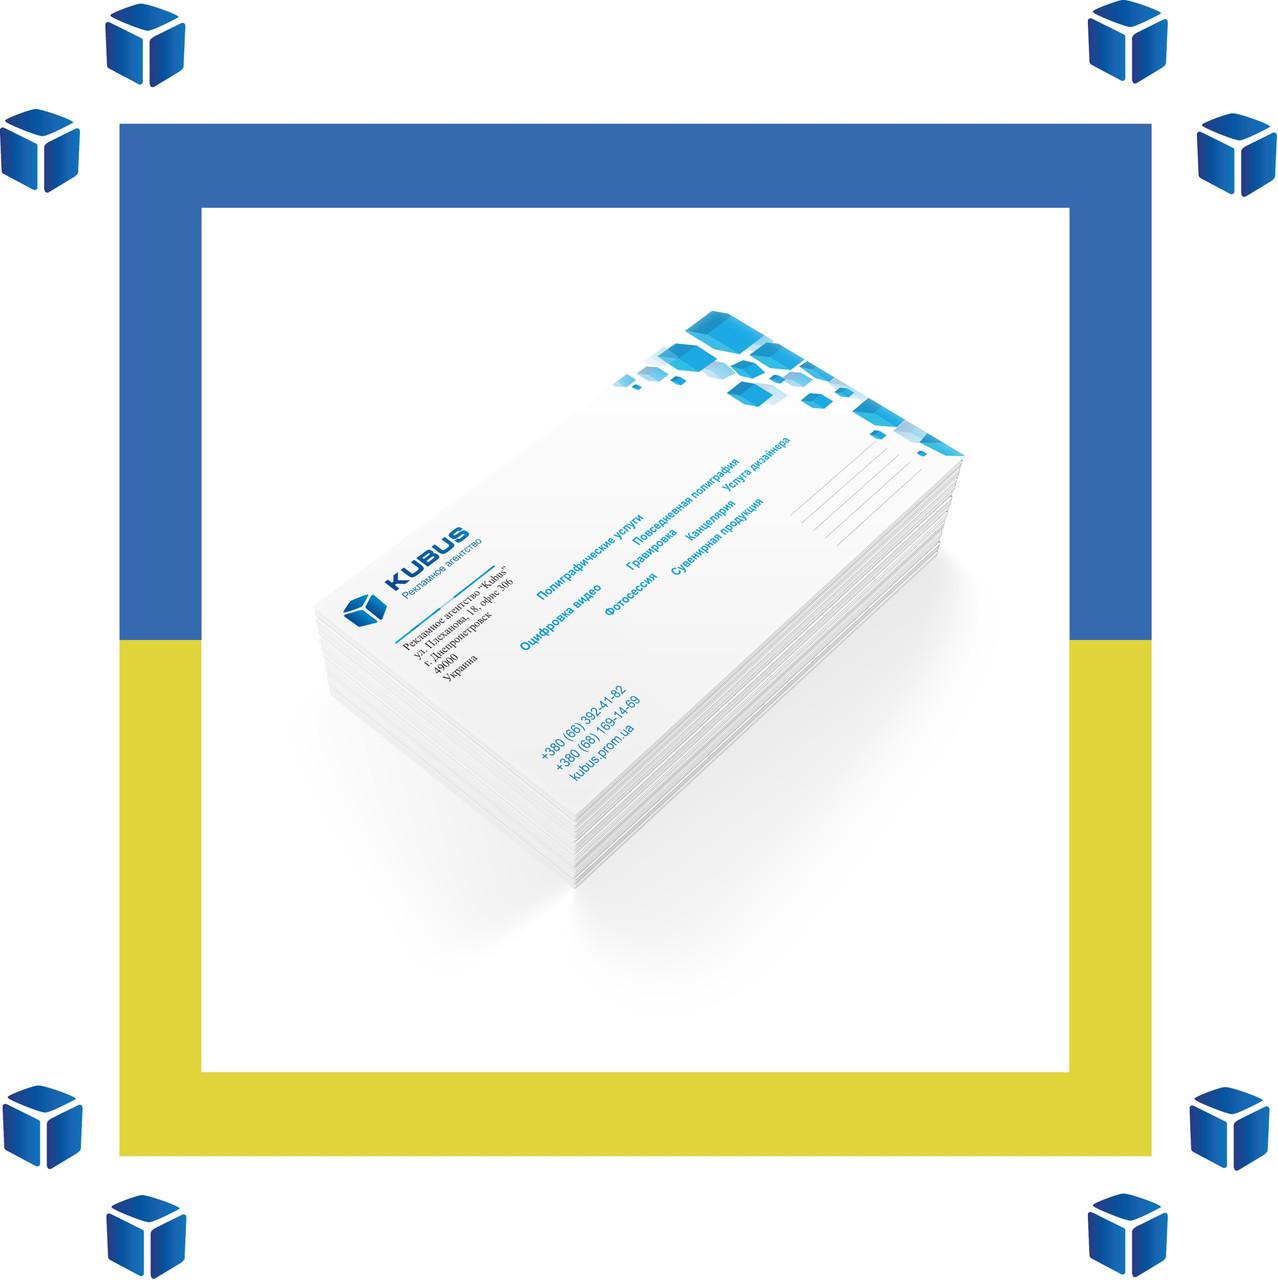 Печать на конвертах формата С4 4+0 (цветные односторонние)